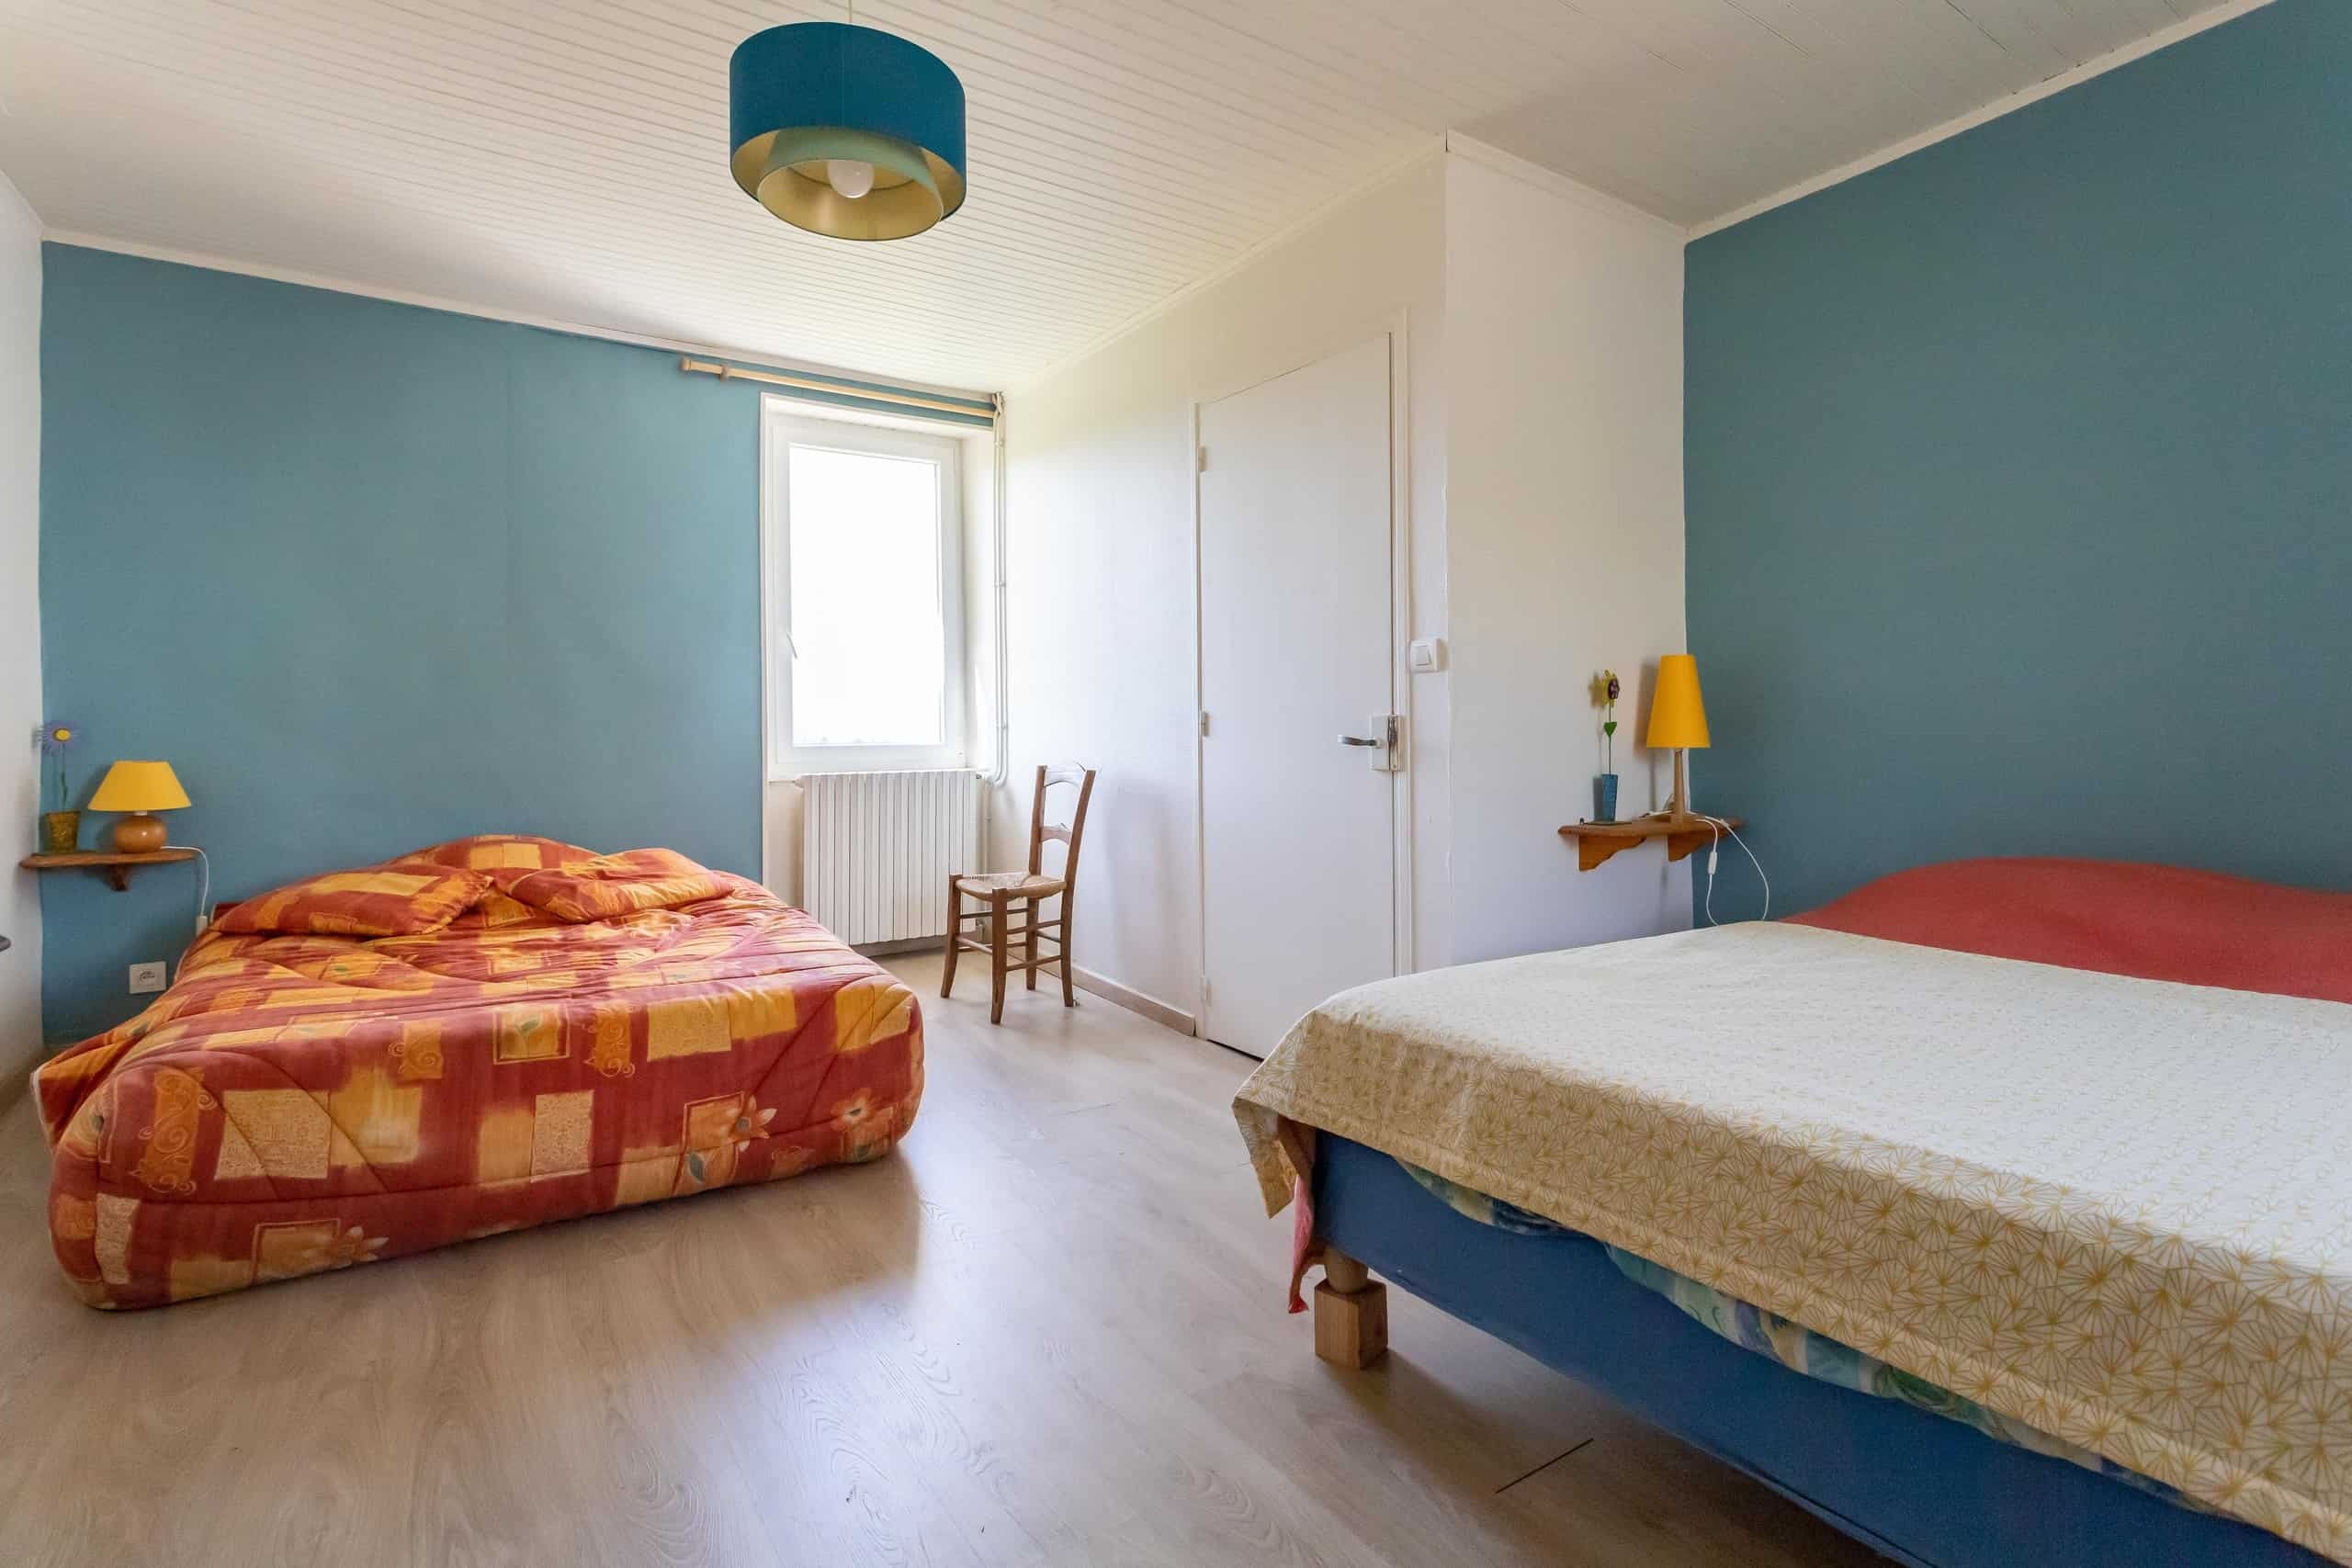 Bedroom-3-WMC102